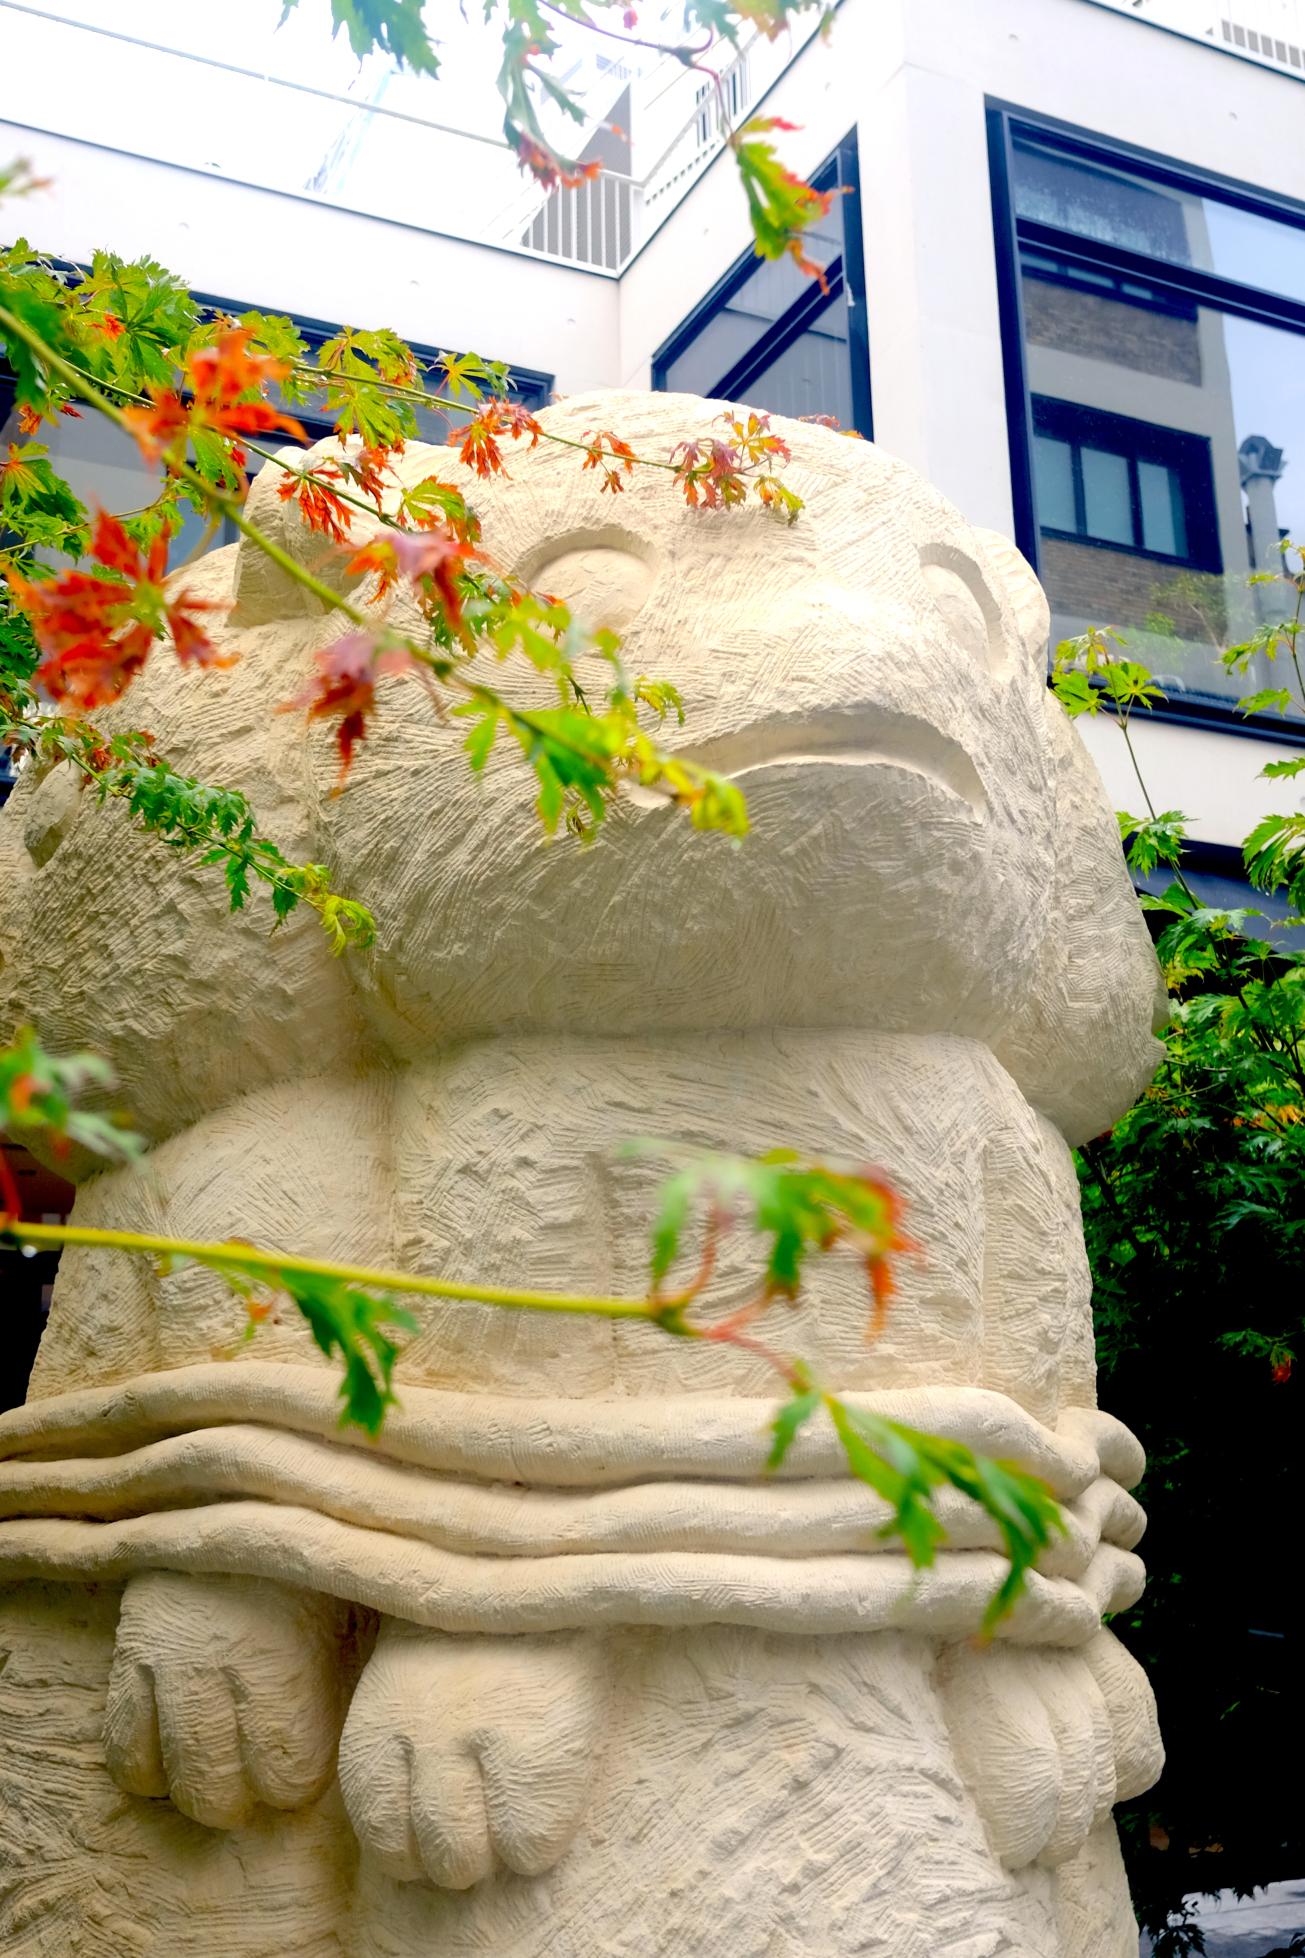 Sculpture de trois mangoustes réalisées par Stefan Rinck pour Beaupassage à Paris